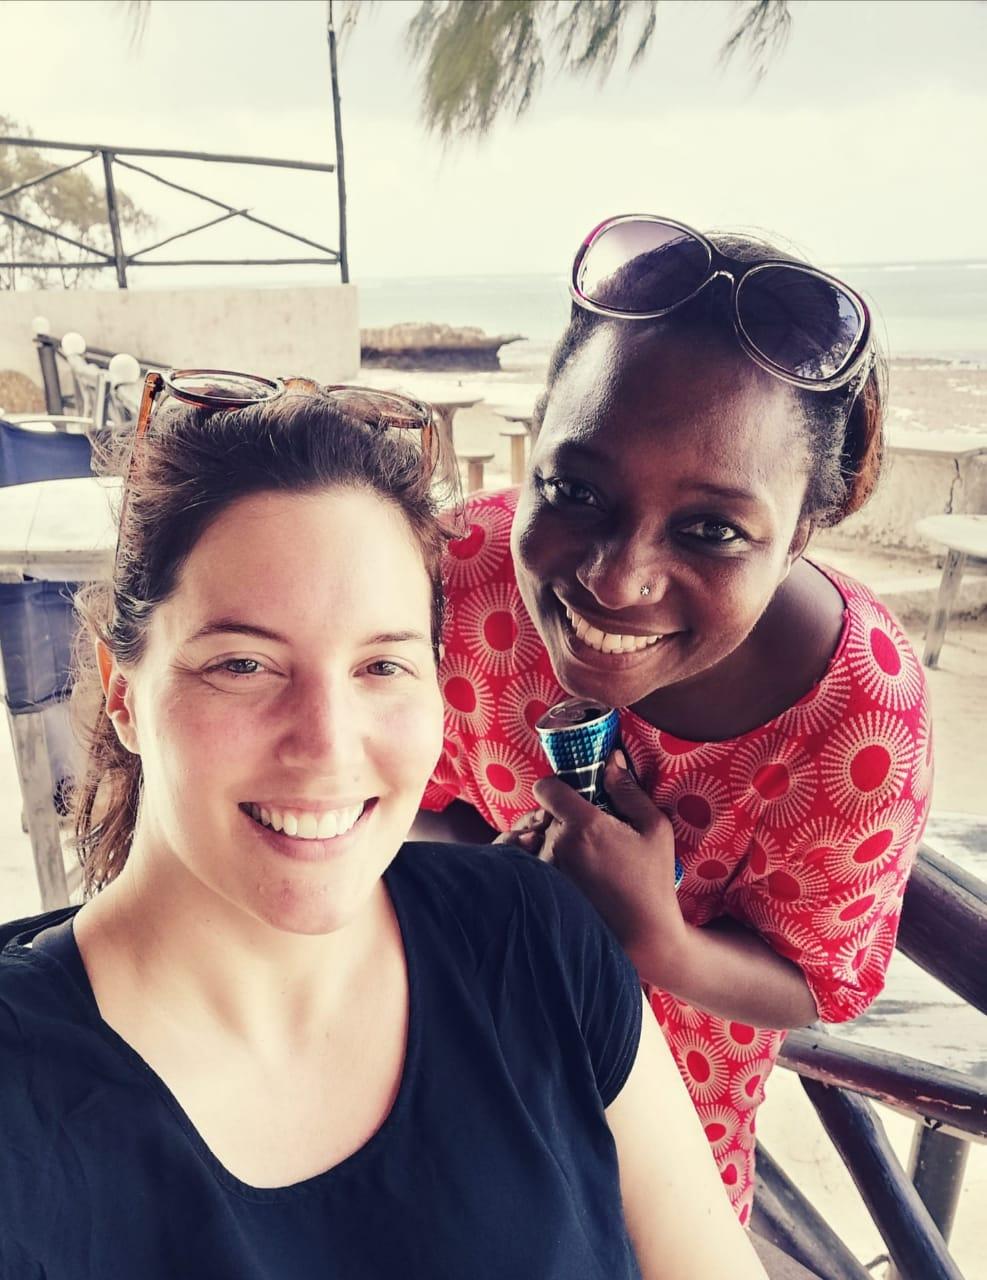 Erschöpft aber zufrieden bei unserem Host in Kenya angekommen (Bild: waytoafrica.ch)